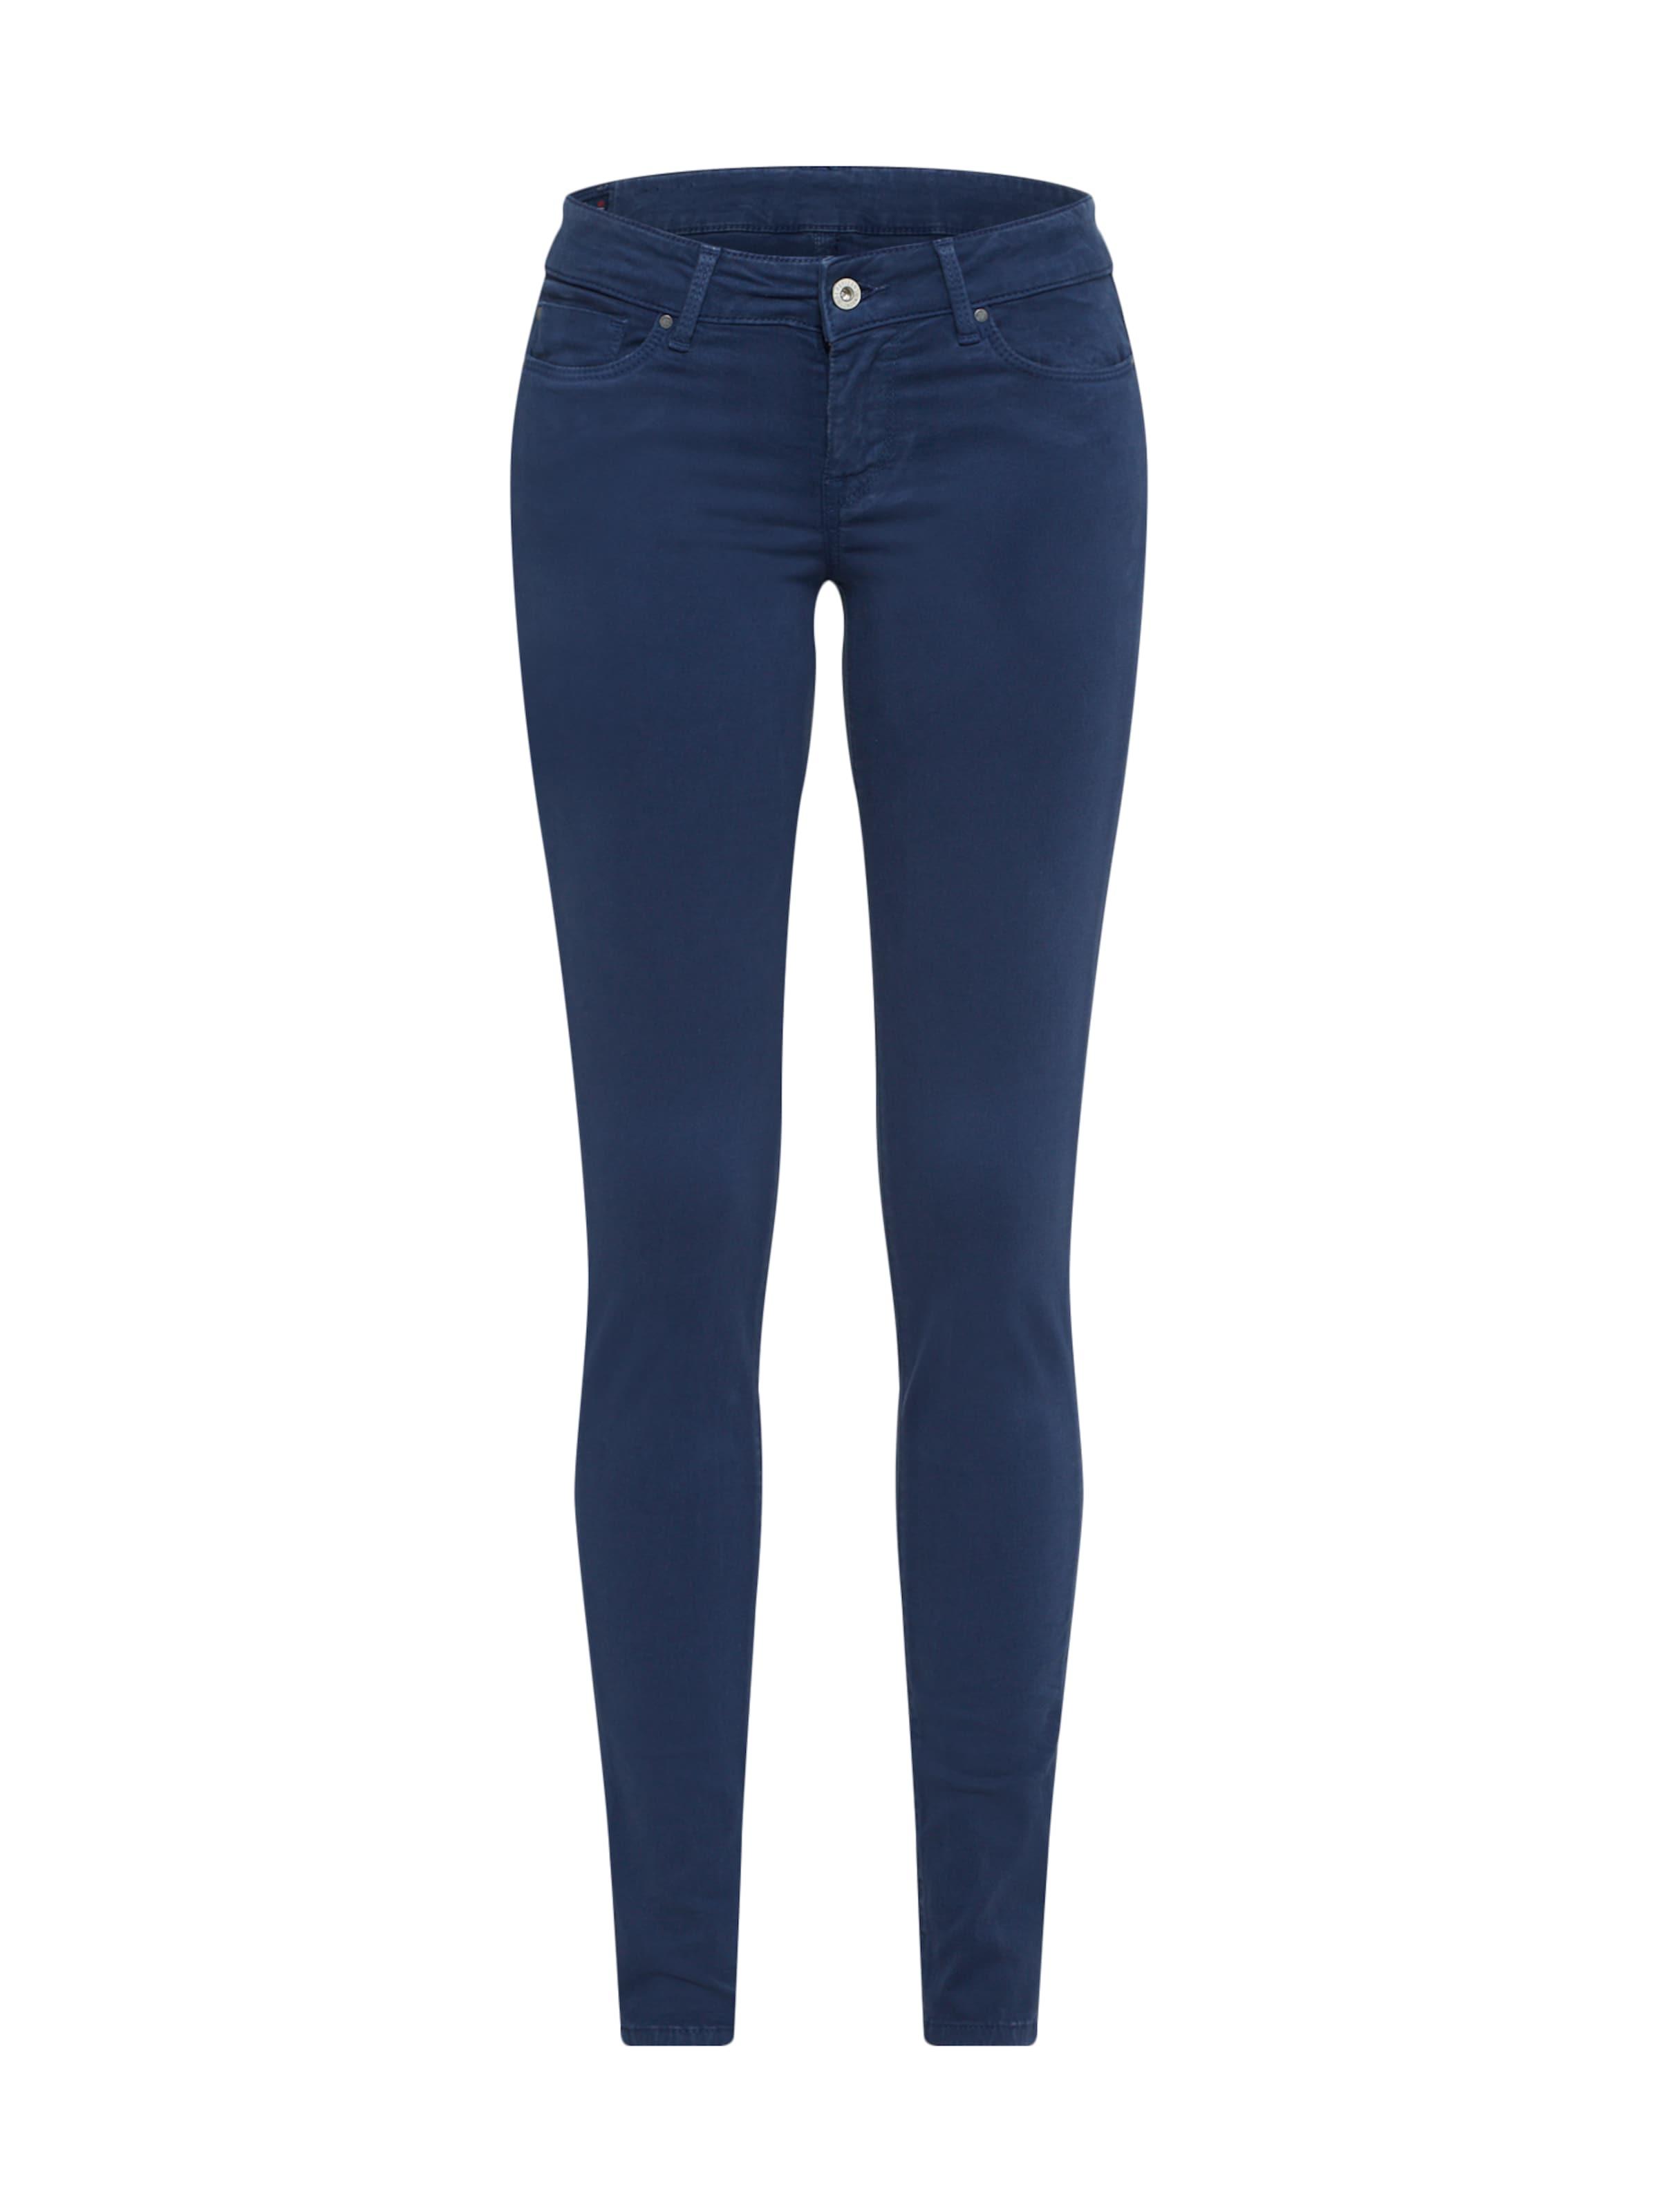 Denim Pepe Jeans 'soho' In Hose Blue w80vmONn